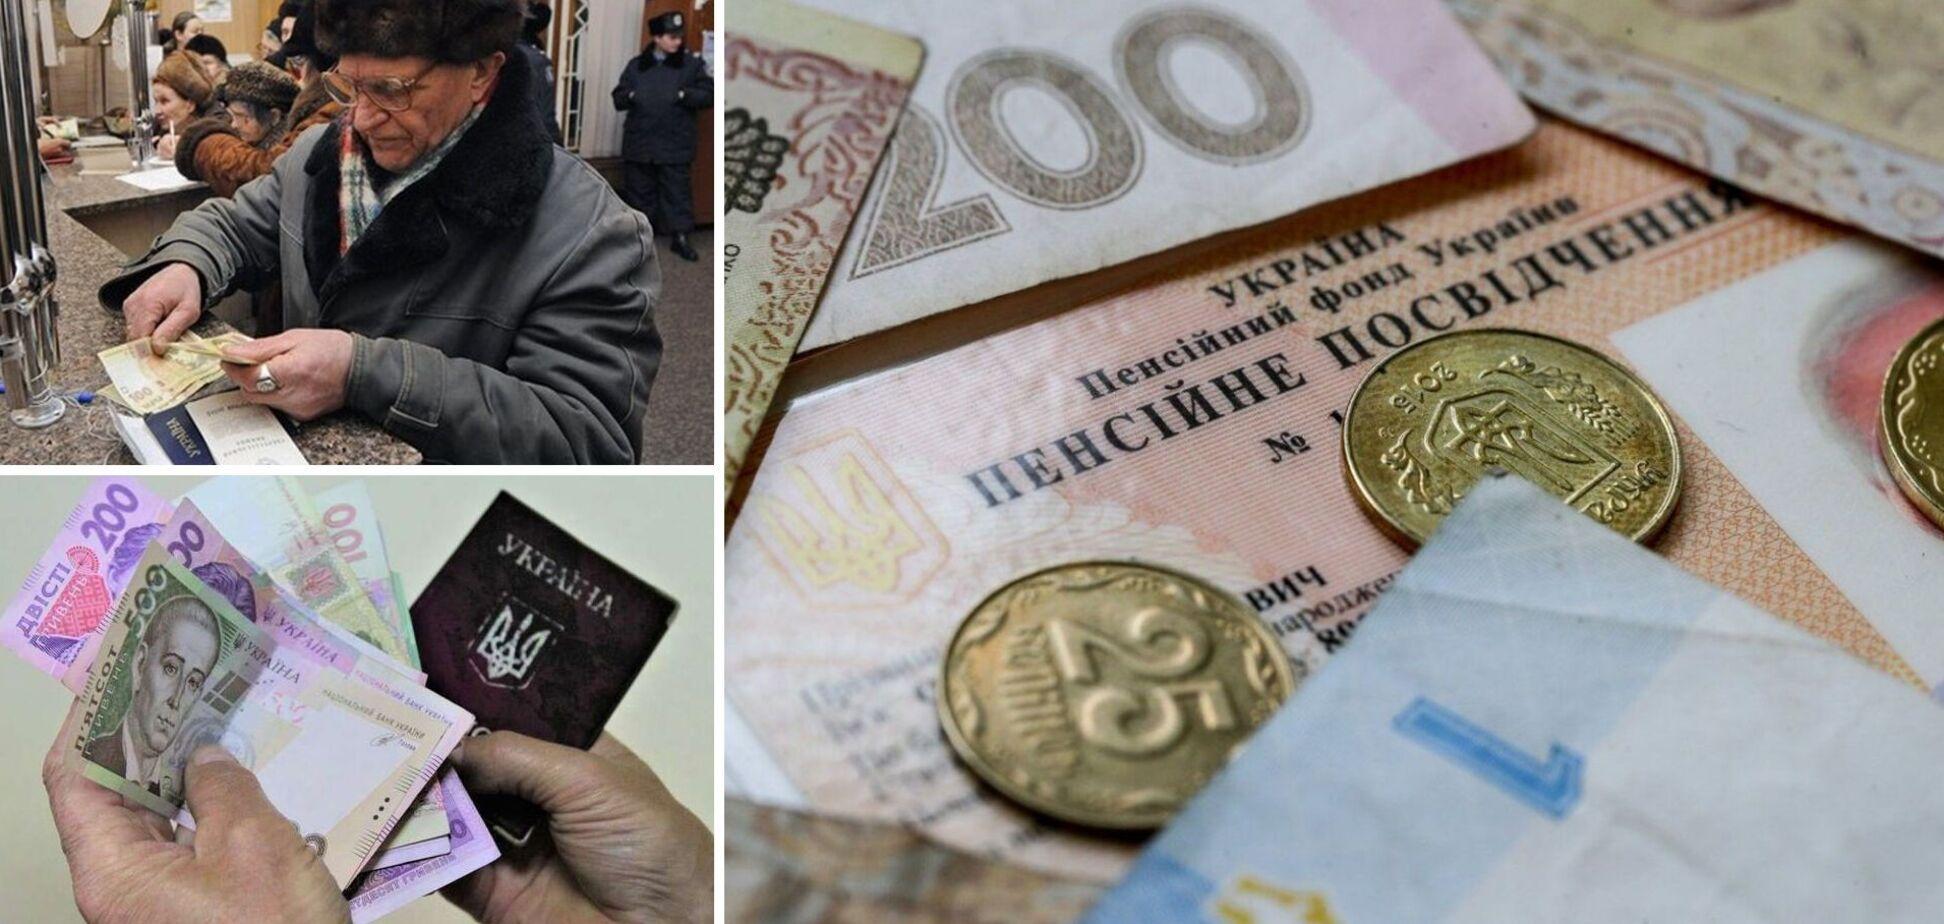 Пенсії в Україні підвищать до кінця року: стало відомо на скільки